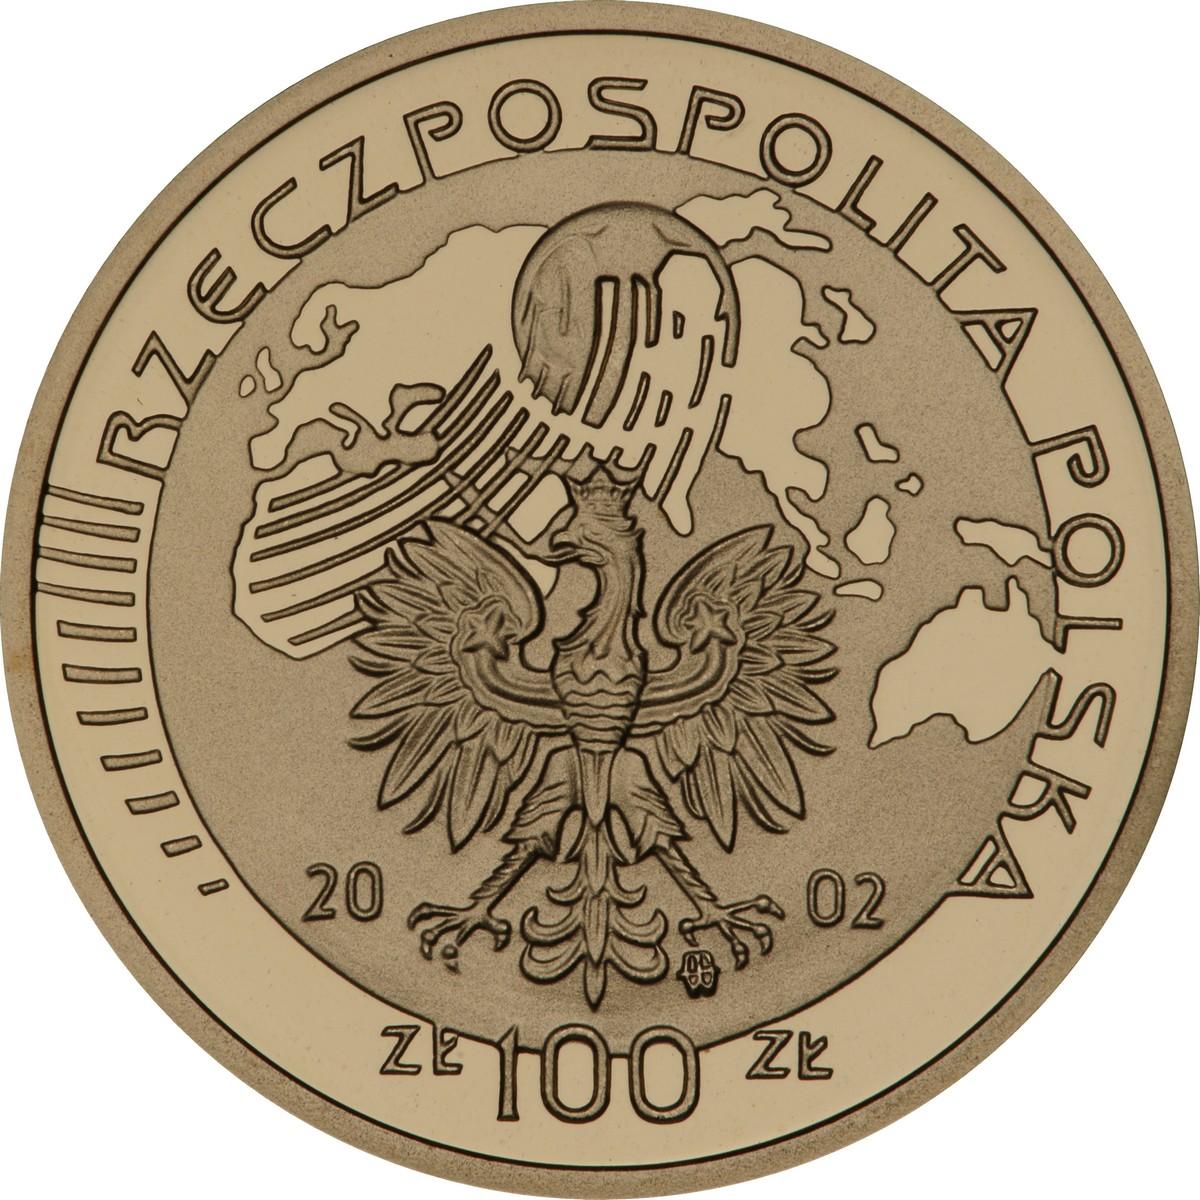 PL 100 Zloty 2002 monogram MW